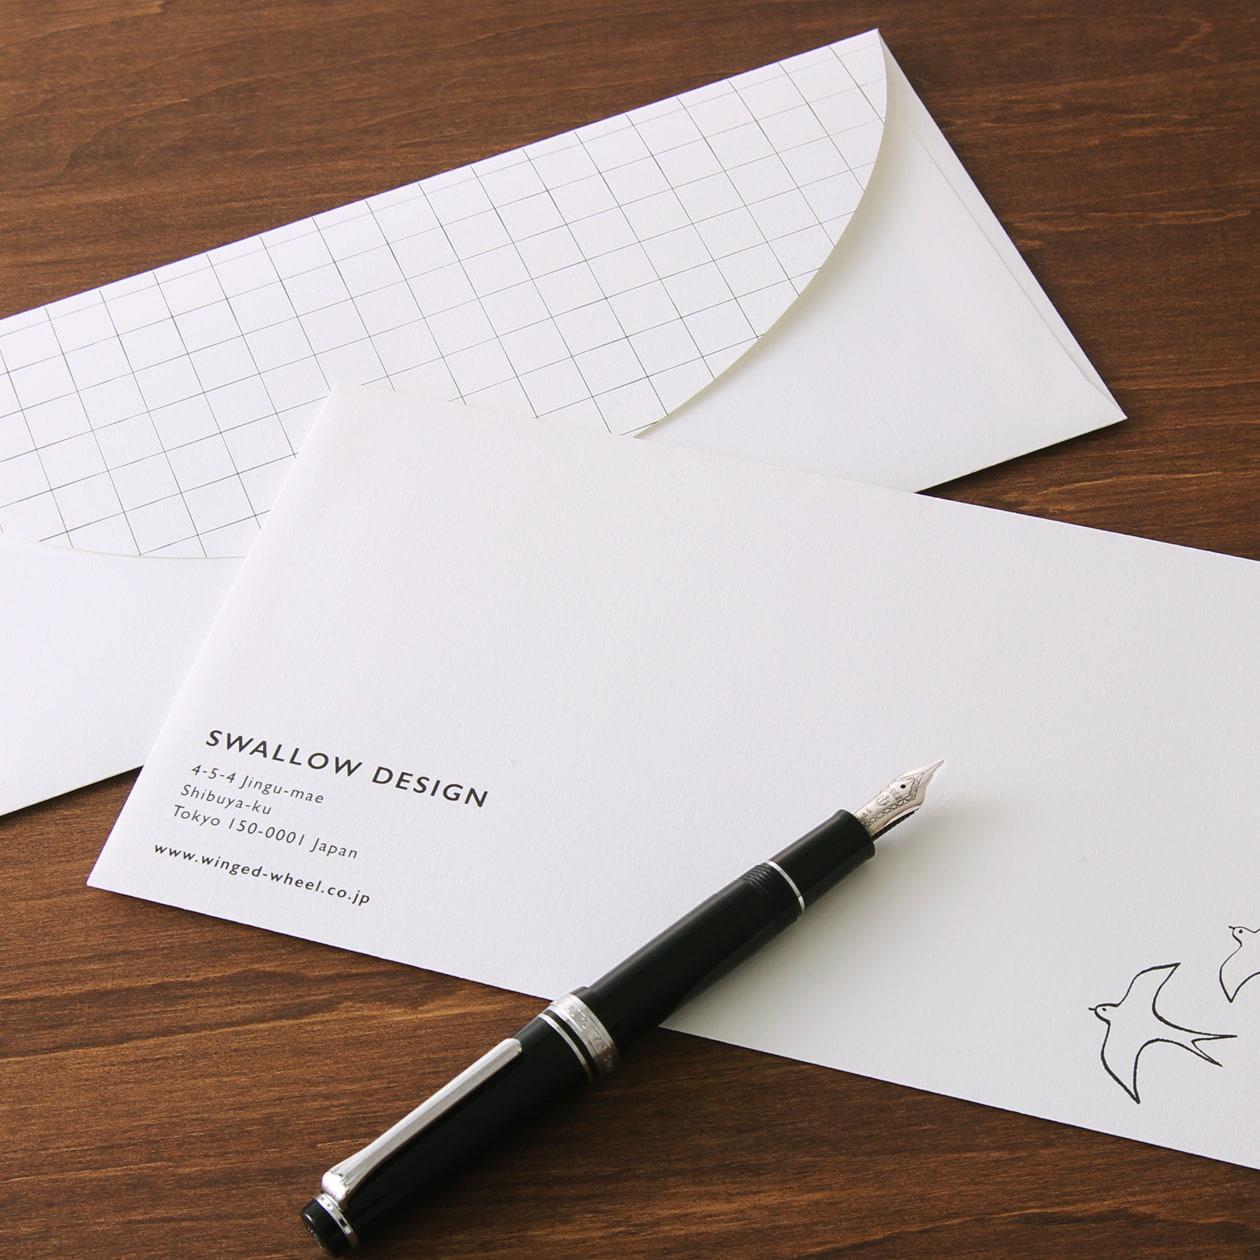 フタがオリジナル形状の封筒